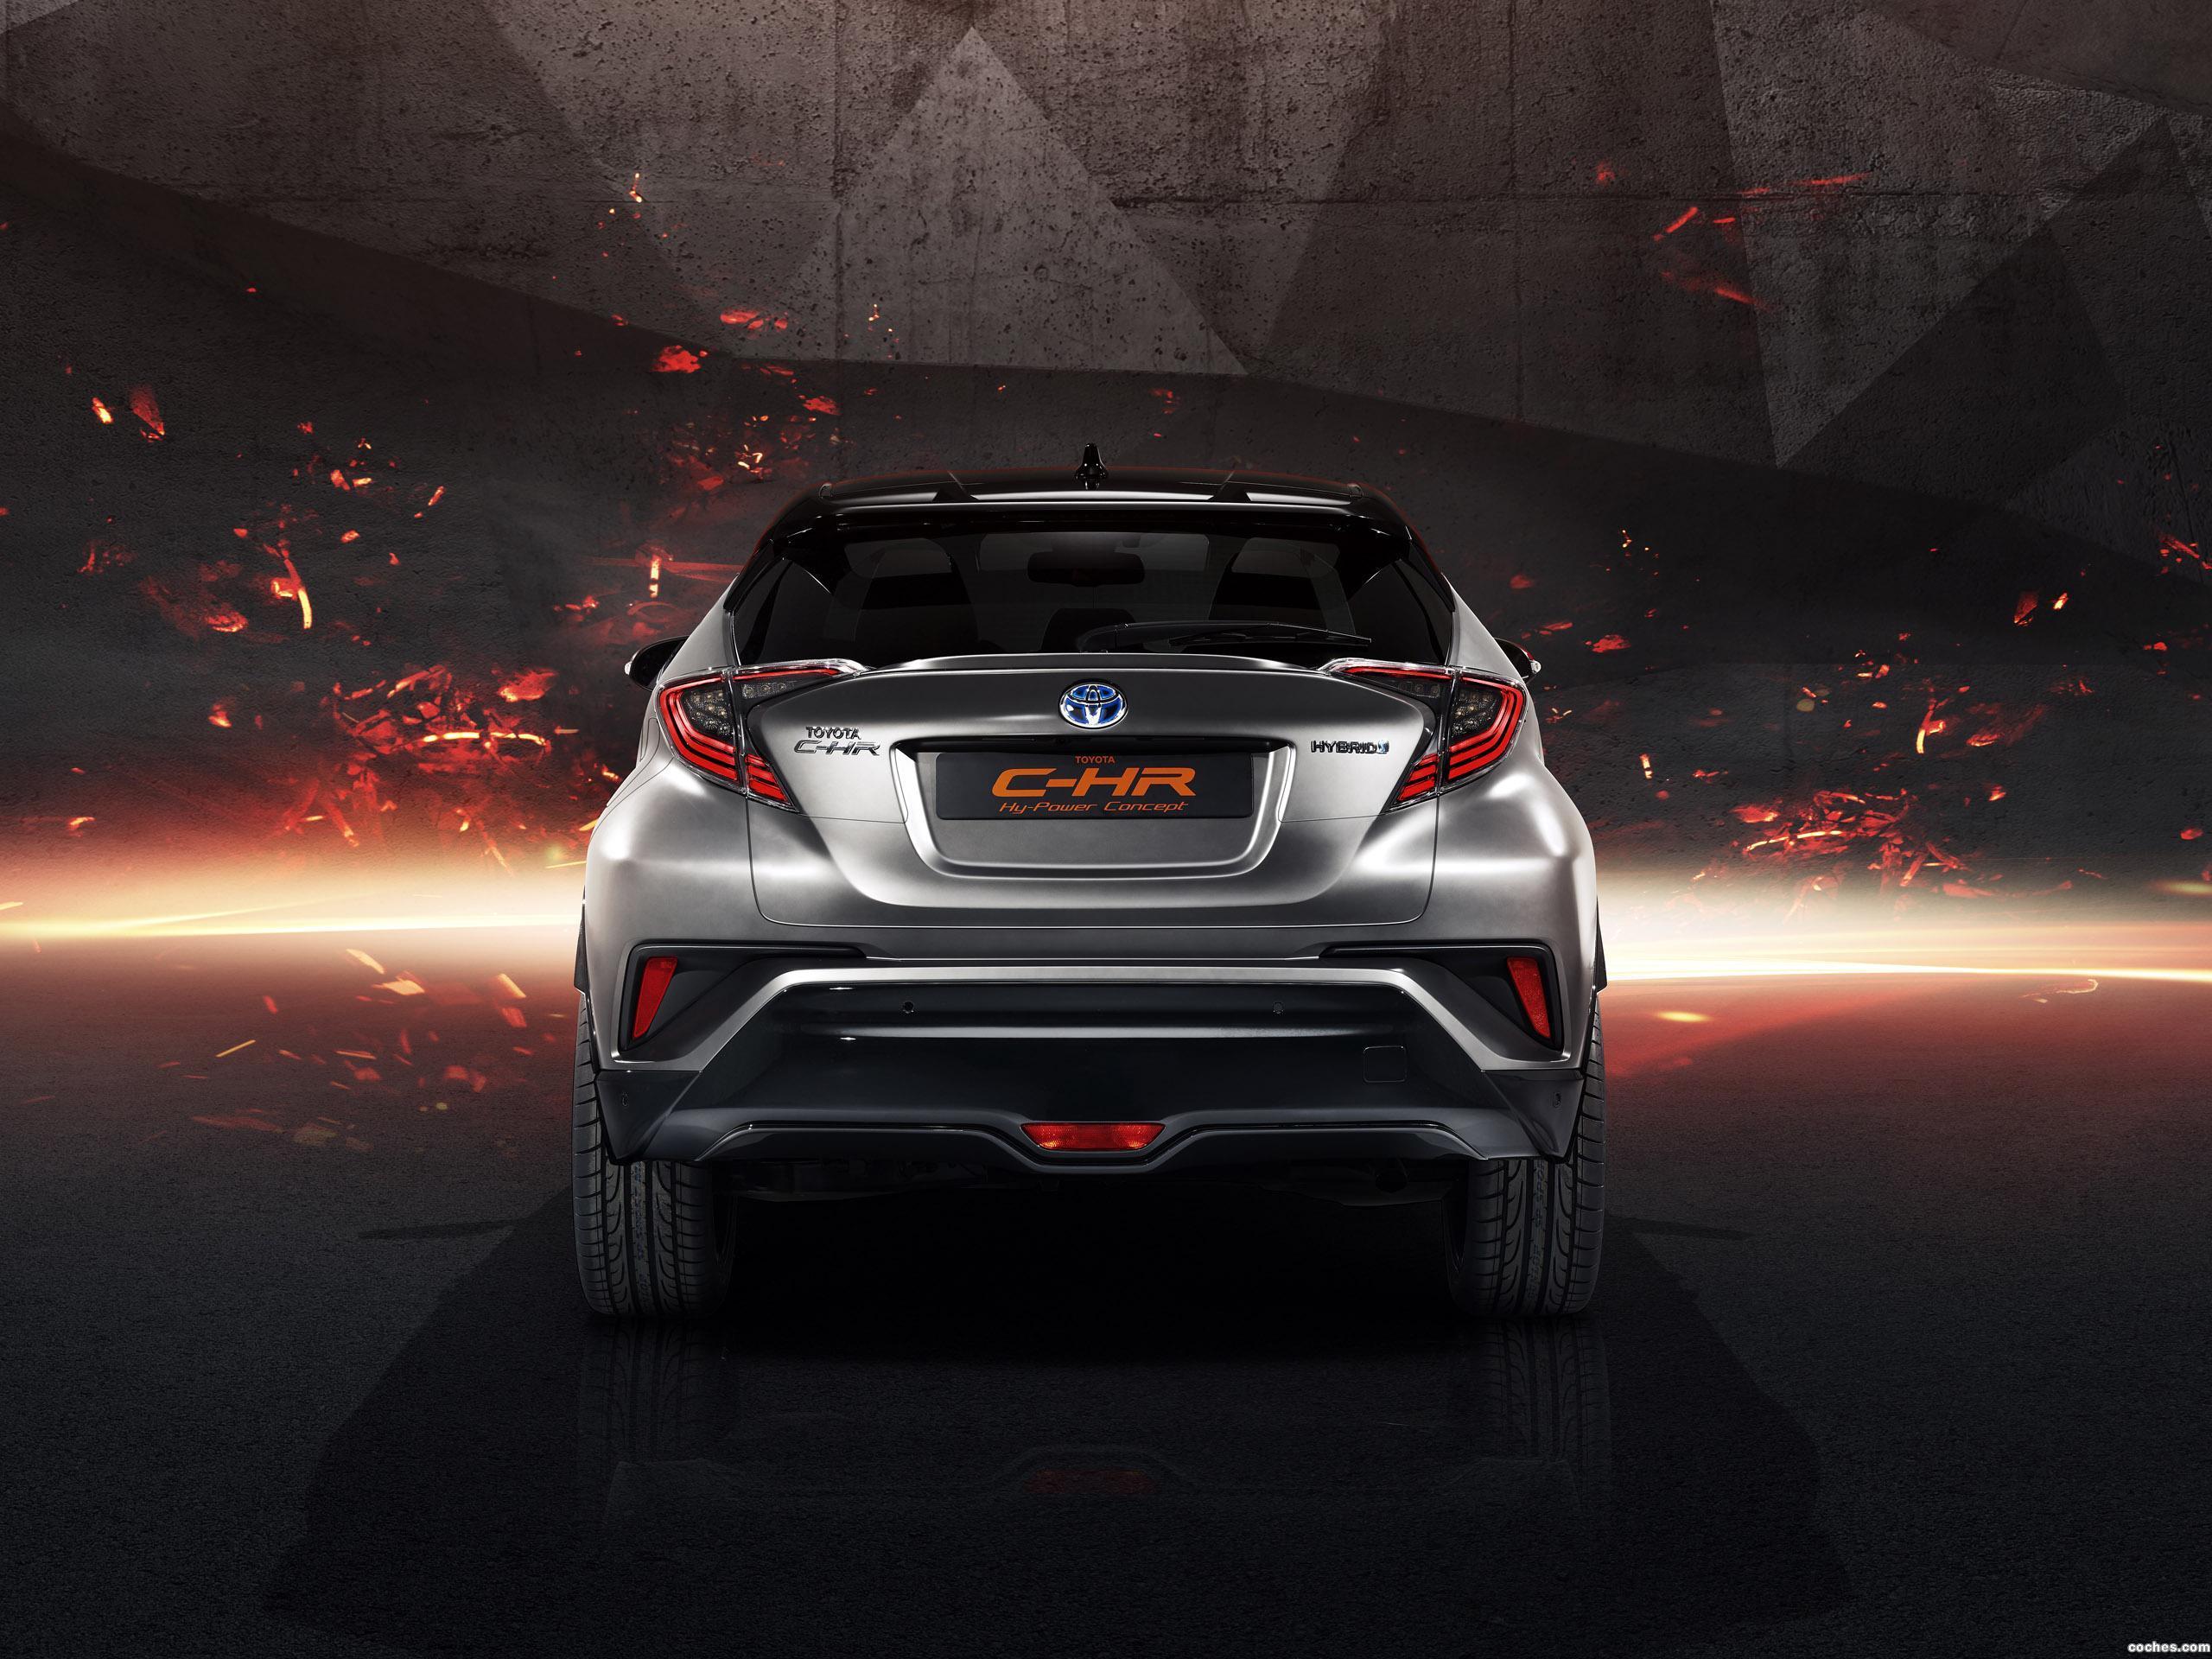 Foto 3 de Toyota C-HR Hy Power Concept  2017